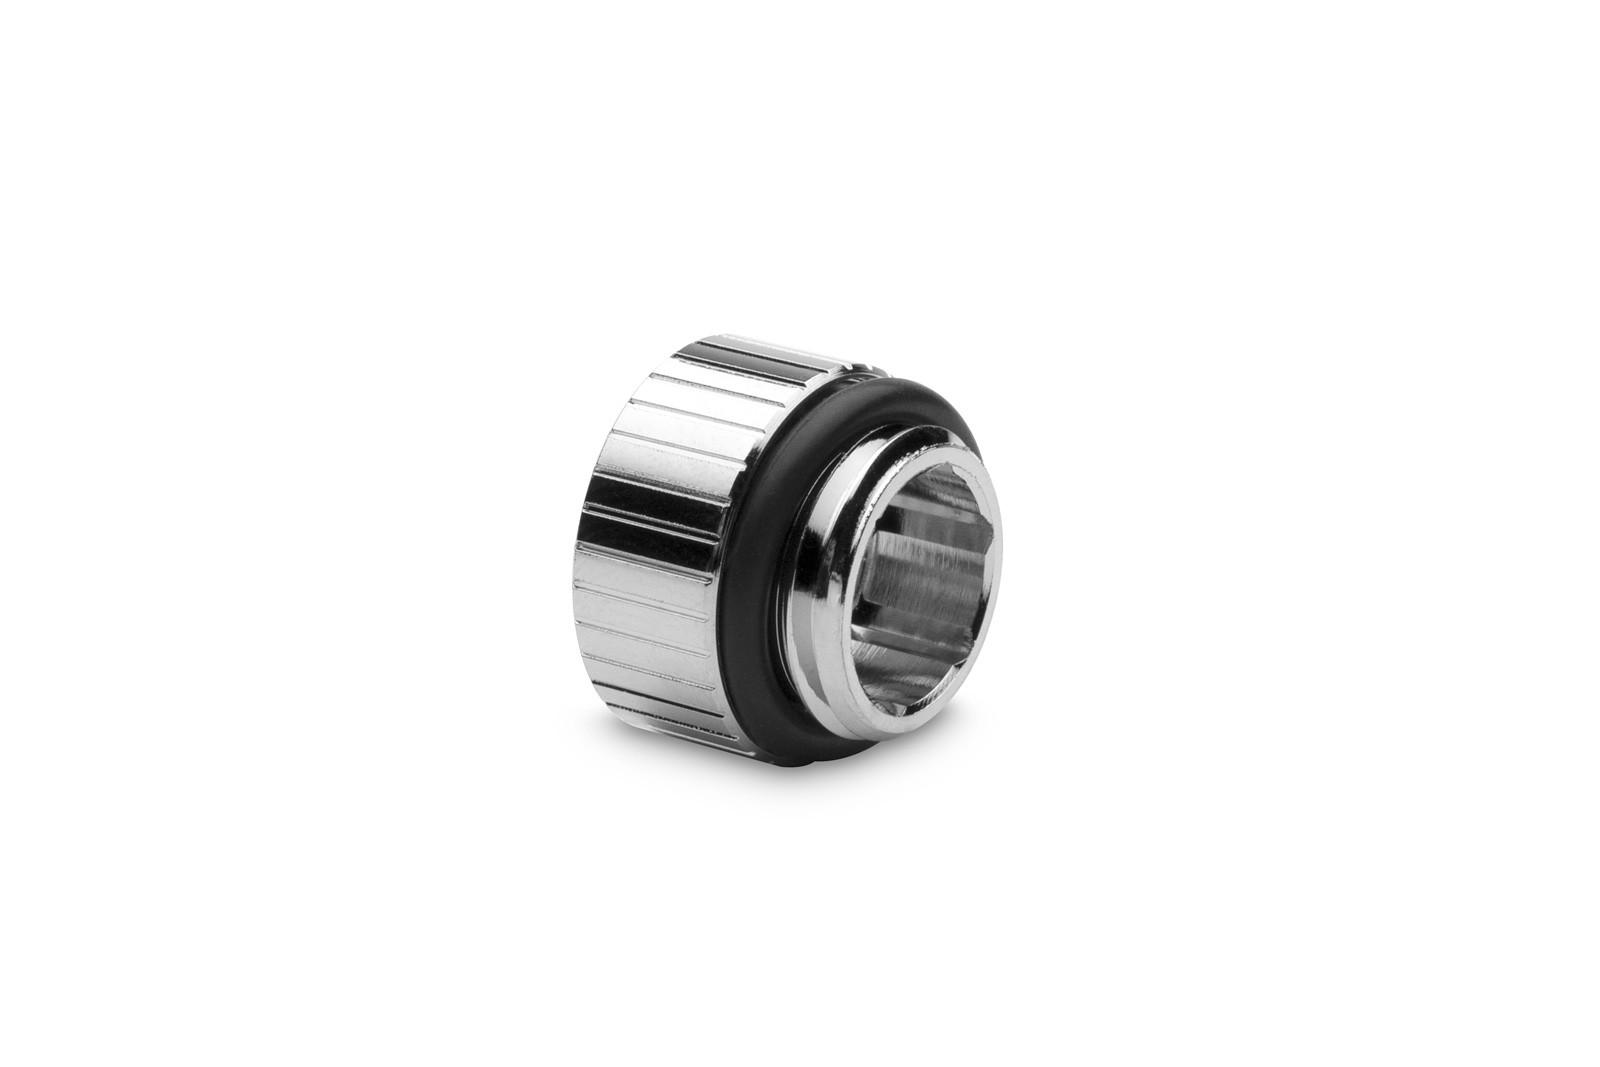 EK WaterBlocks EK-Quantum Torque Micro Extender Static MF 7 - Nickel